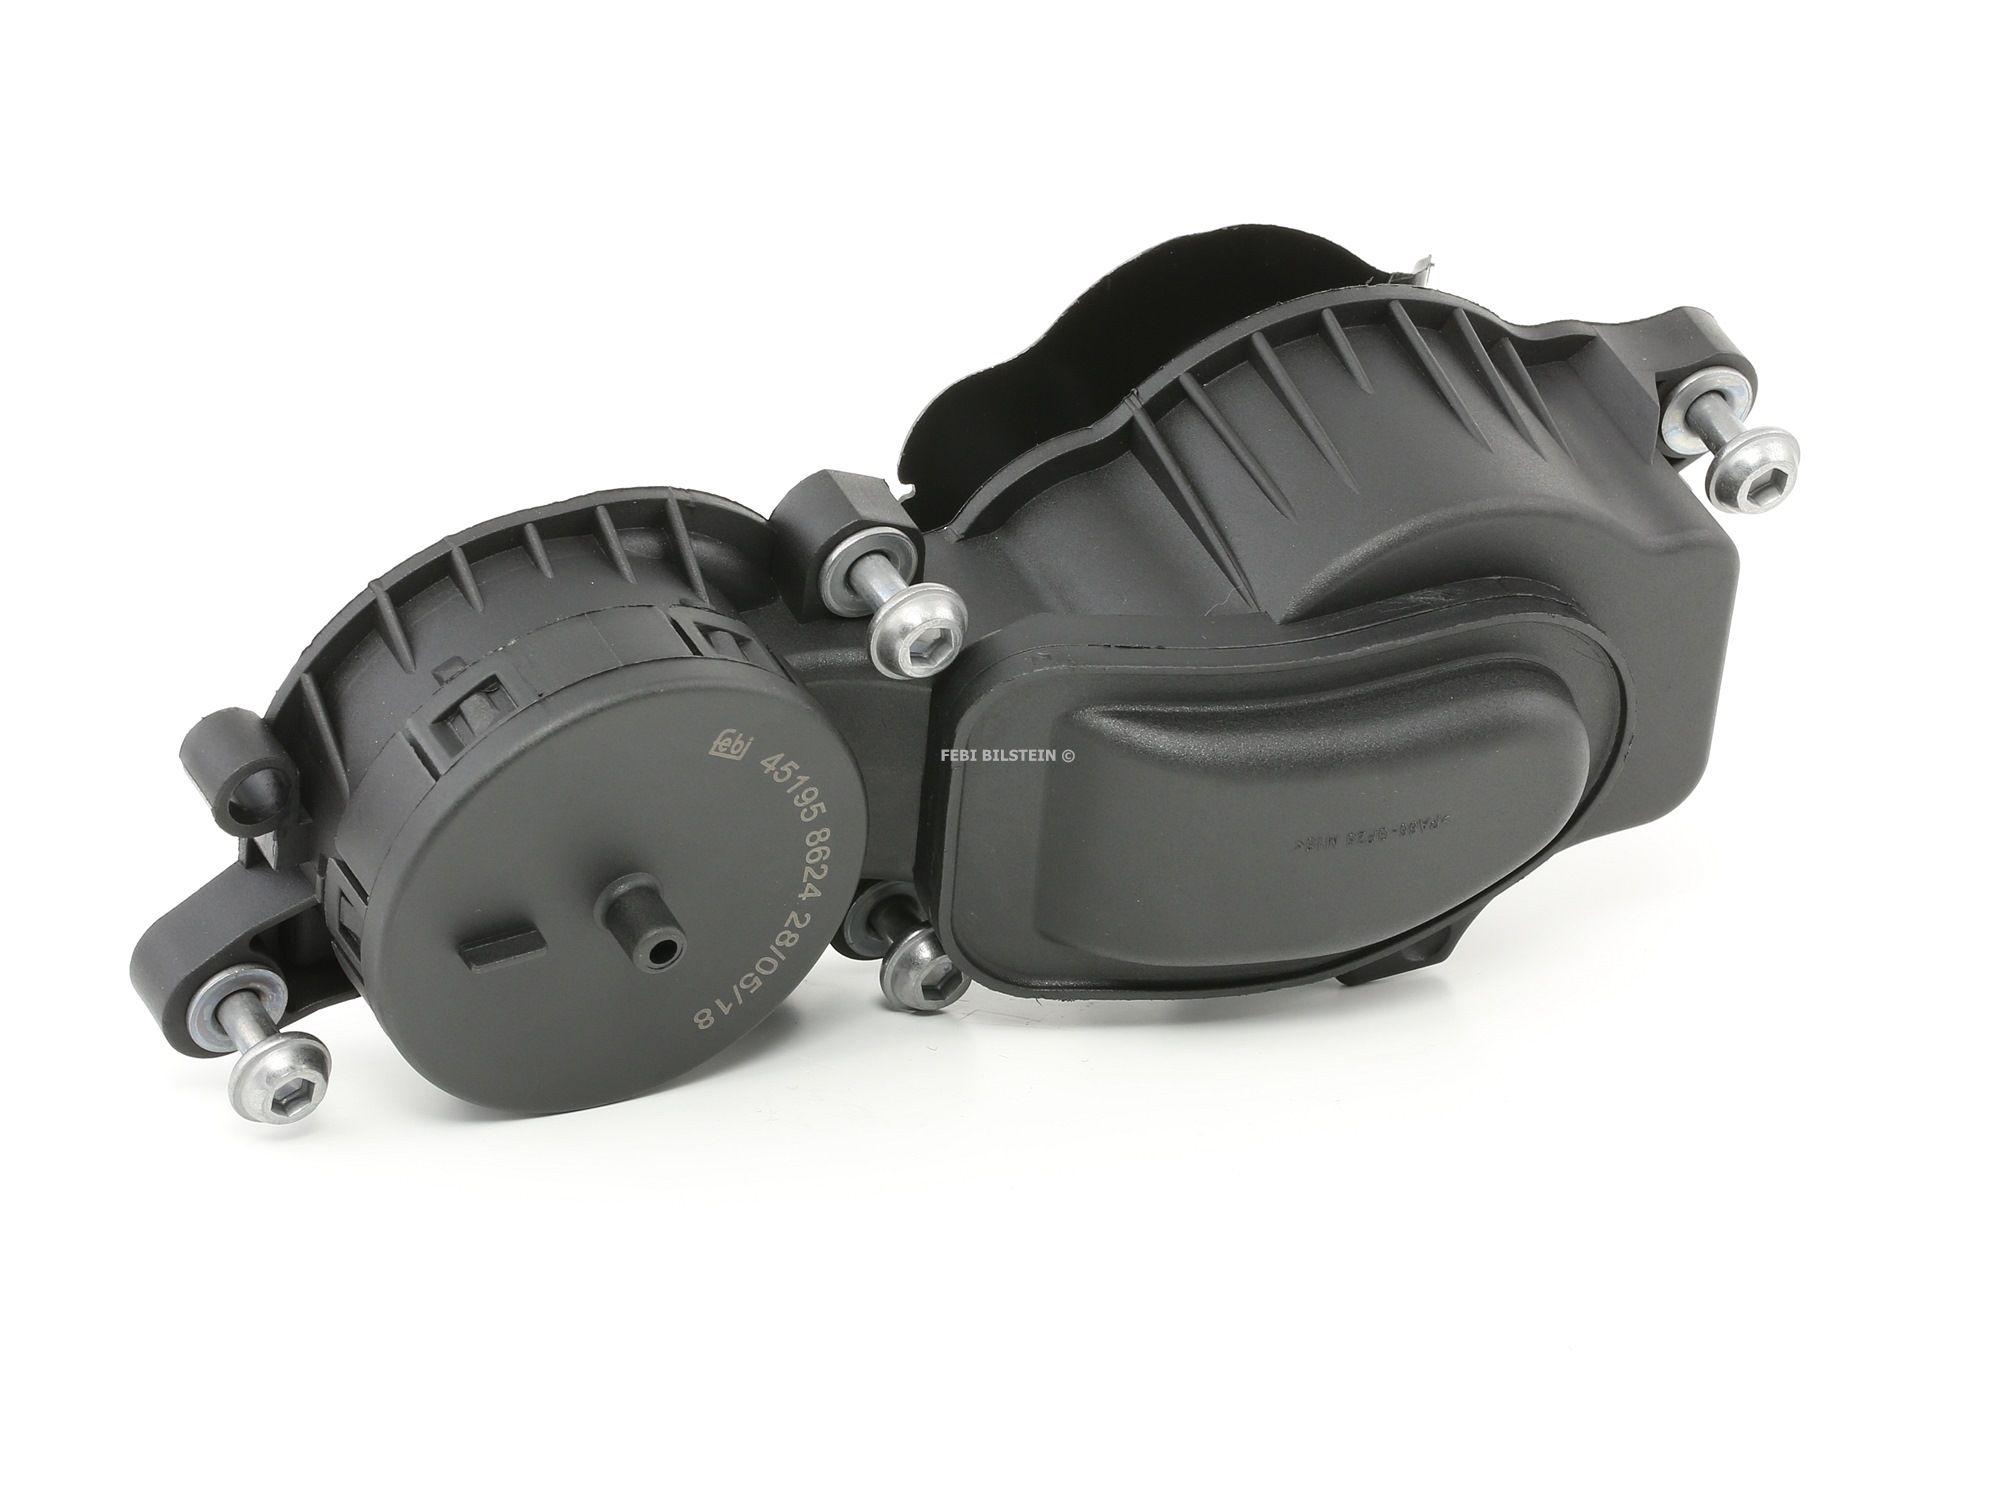 Reparatursatz, Kurbelgehäuseentlüftung 45195 rund um die Uhr online kaufen